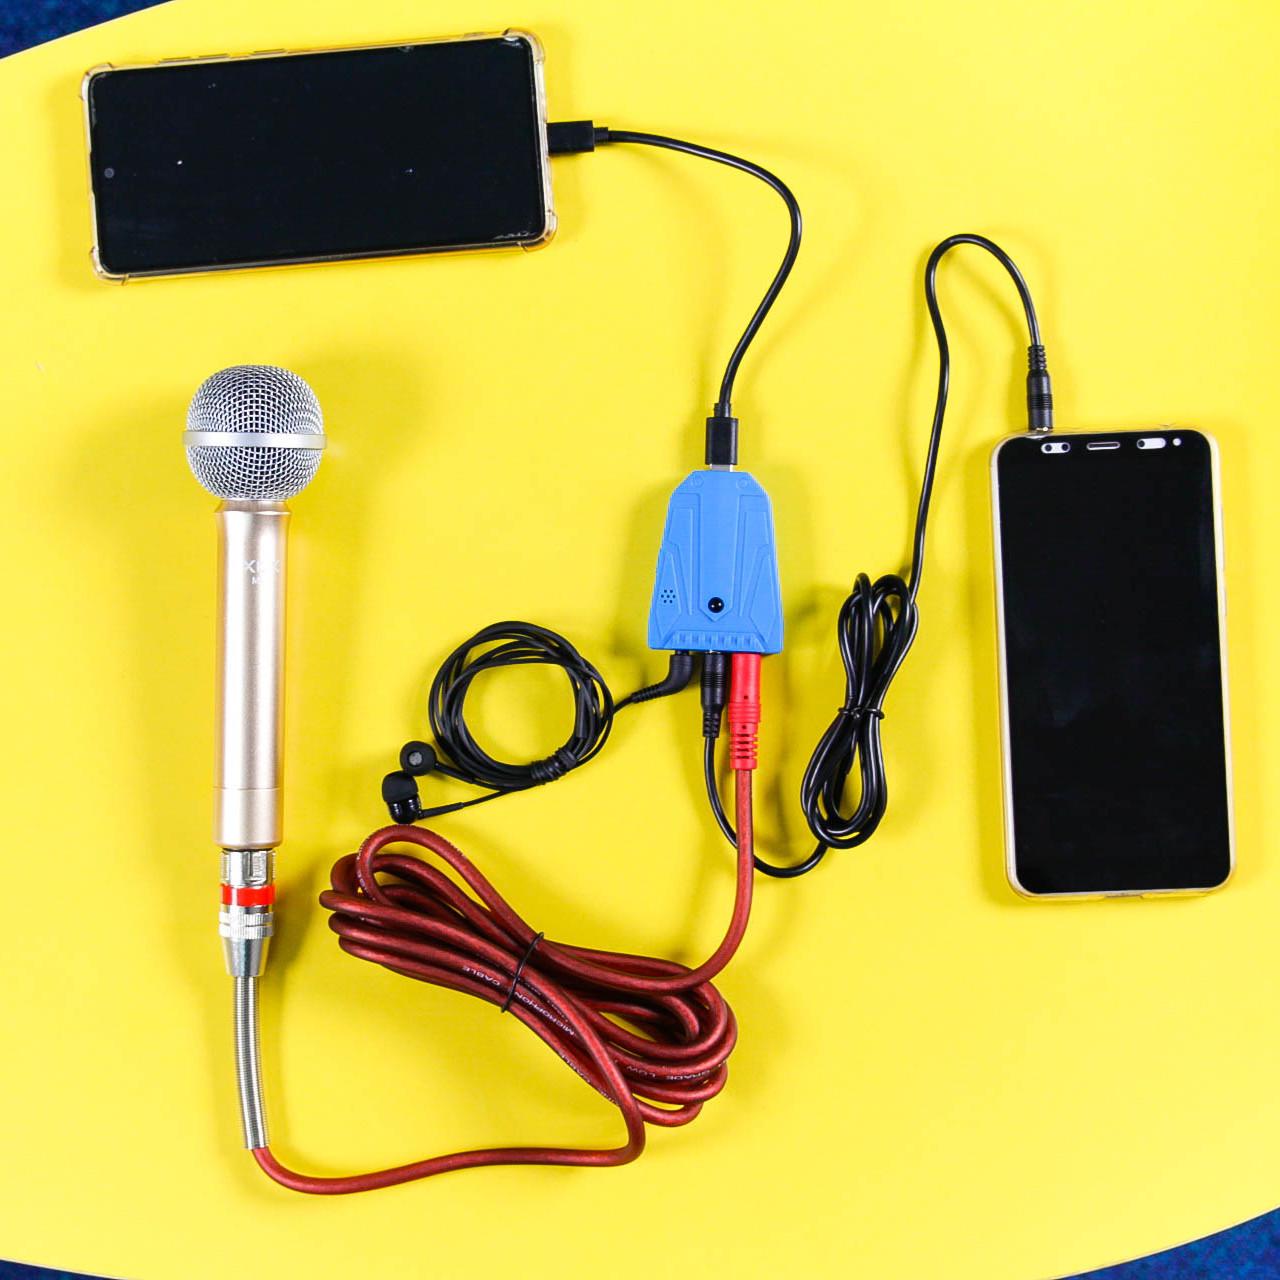 Sound card di động XOX K1 siêu nhỏ 29 hiệu ứng cho phát livestream ngoài trời, hát Youtube TikTok - Hàng chính hãng